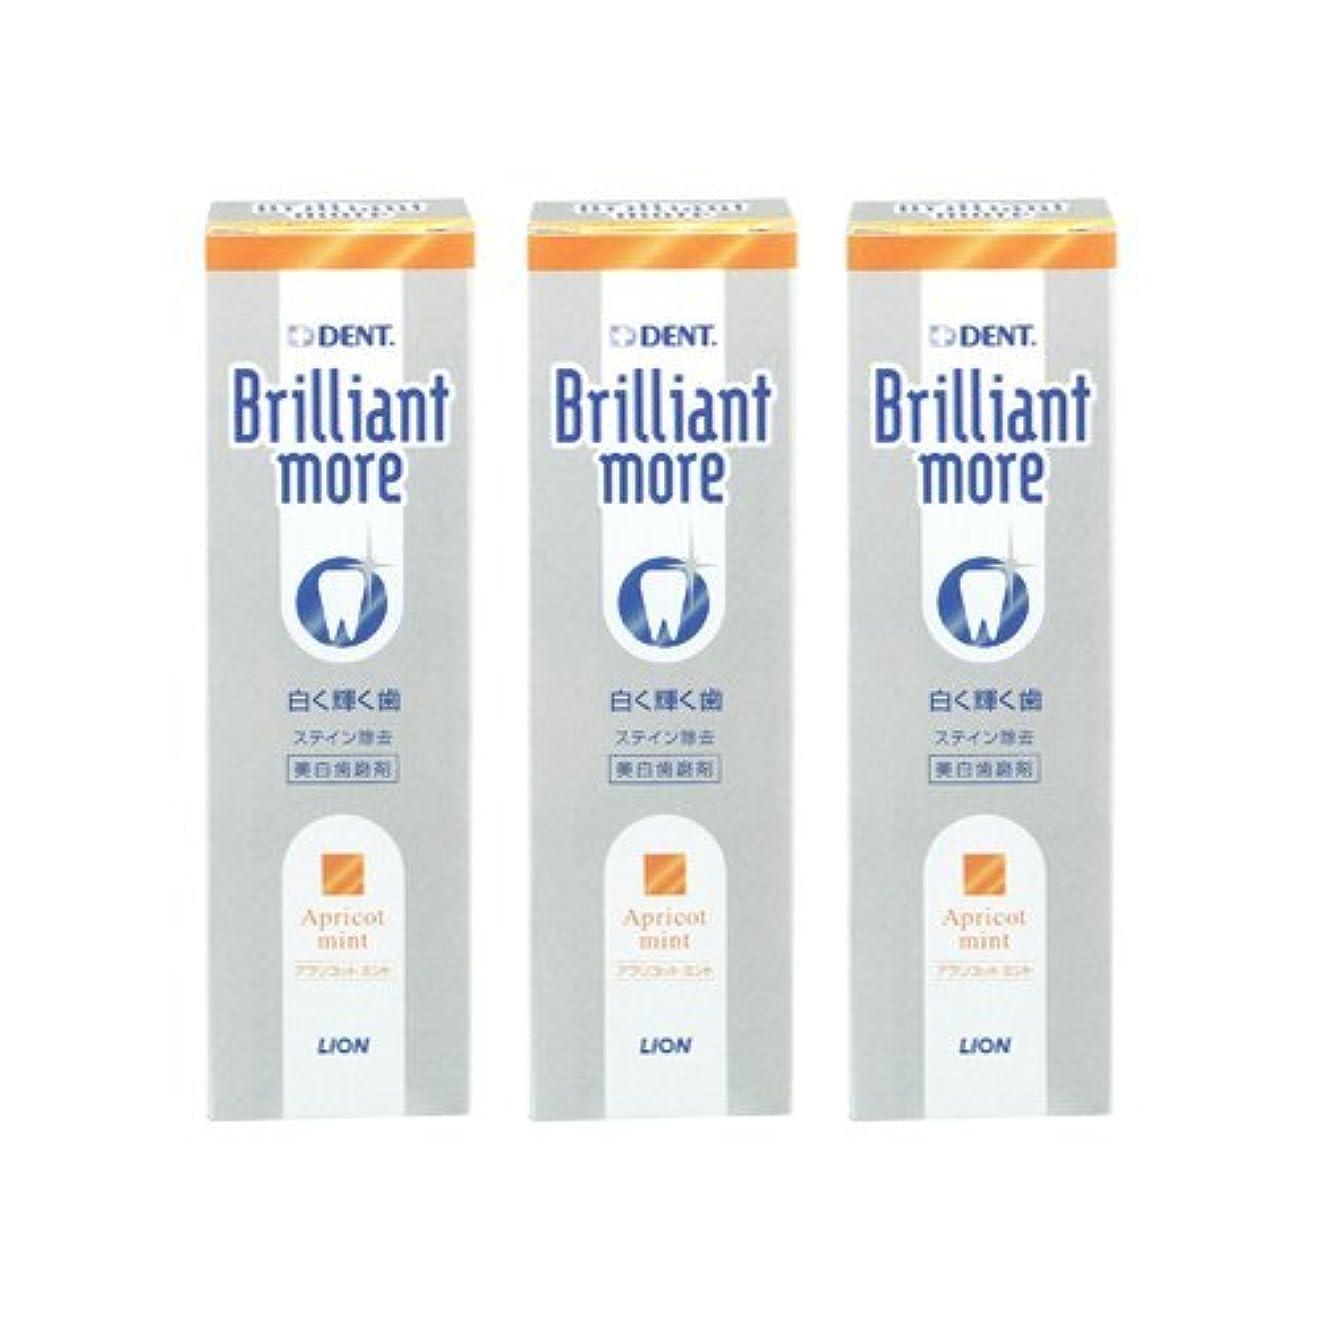 拒絶する健康陰謀ライオン ブリリアントモア アプリコットミント 3本セット 美白歯磨剤 LION Brilliant more